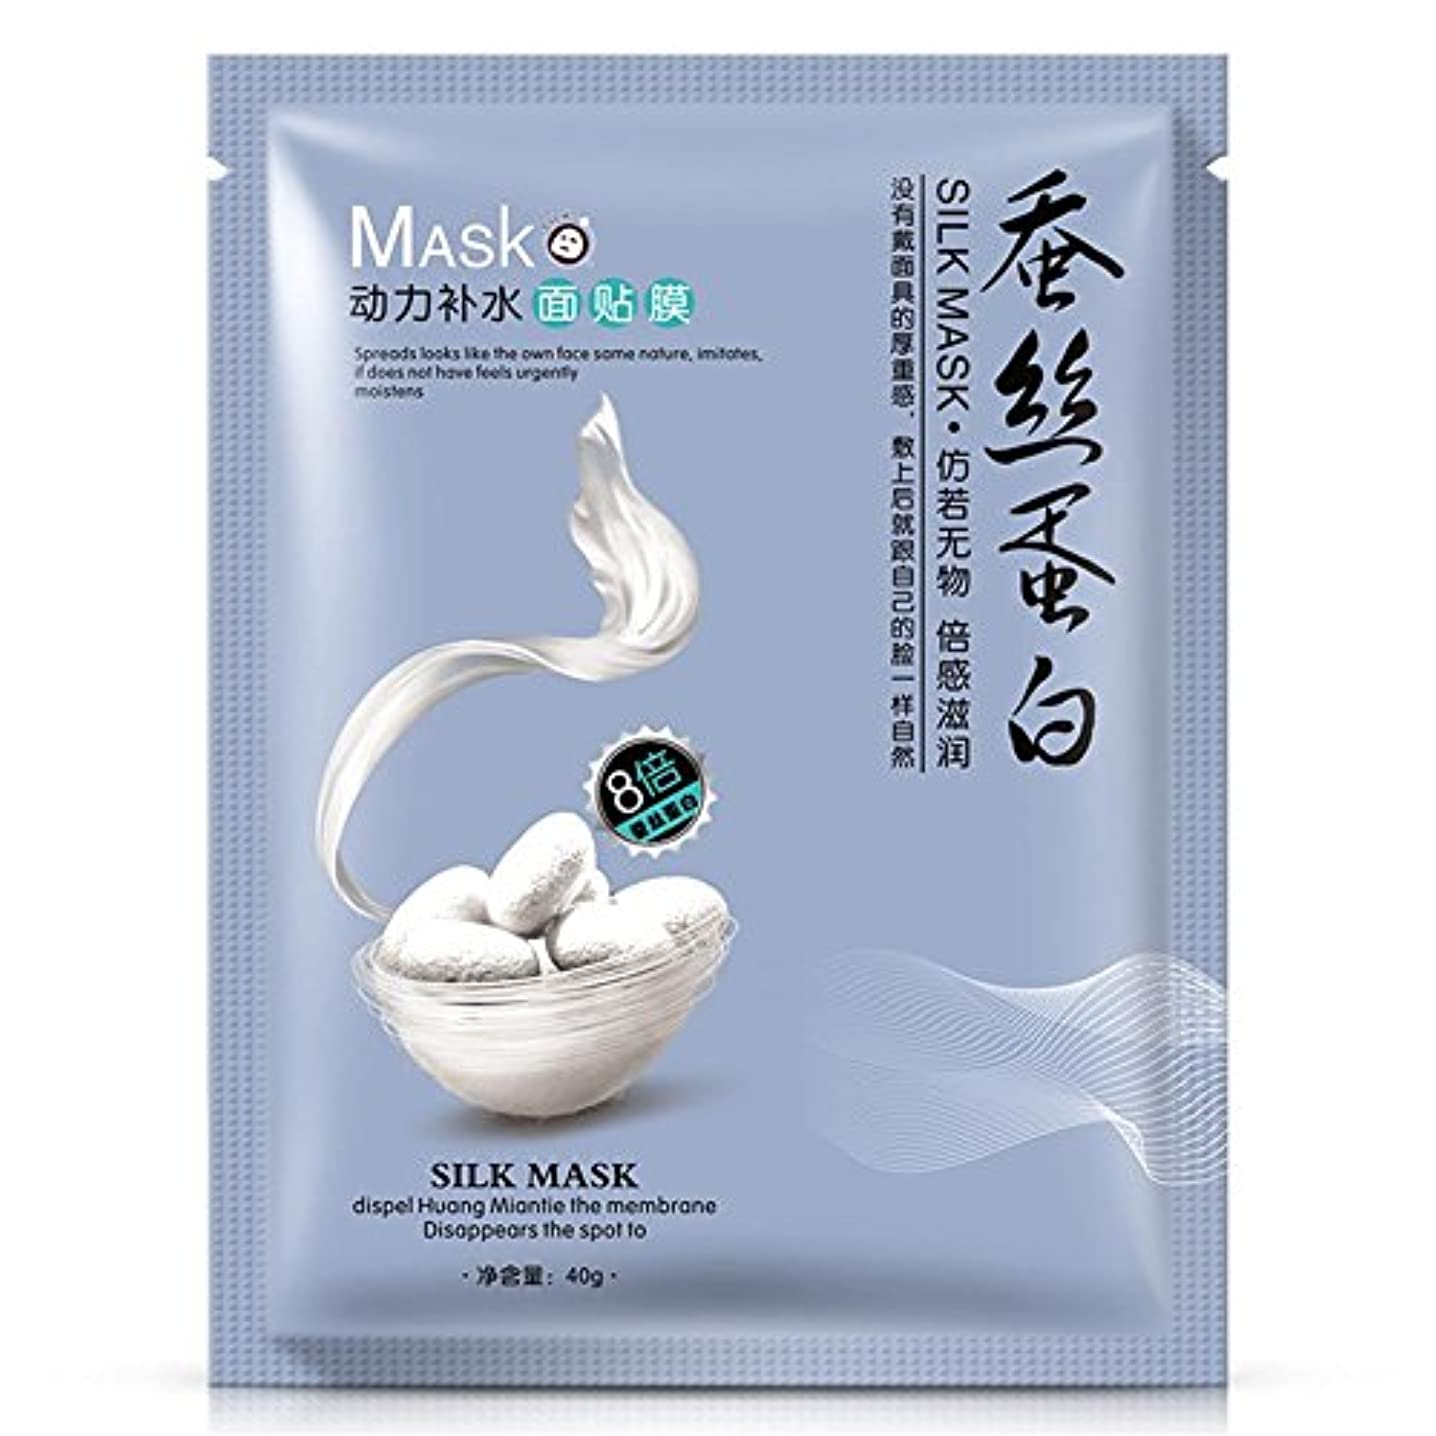 走る研磨臭いSILUN 1ピースワンスプリングシルクプロテイン保湿フェイシャルマスクオイルコントロールにきび除去ホワイトニング化粧品保湿フェイスマスク